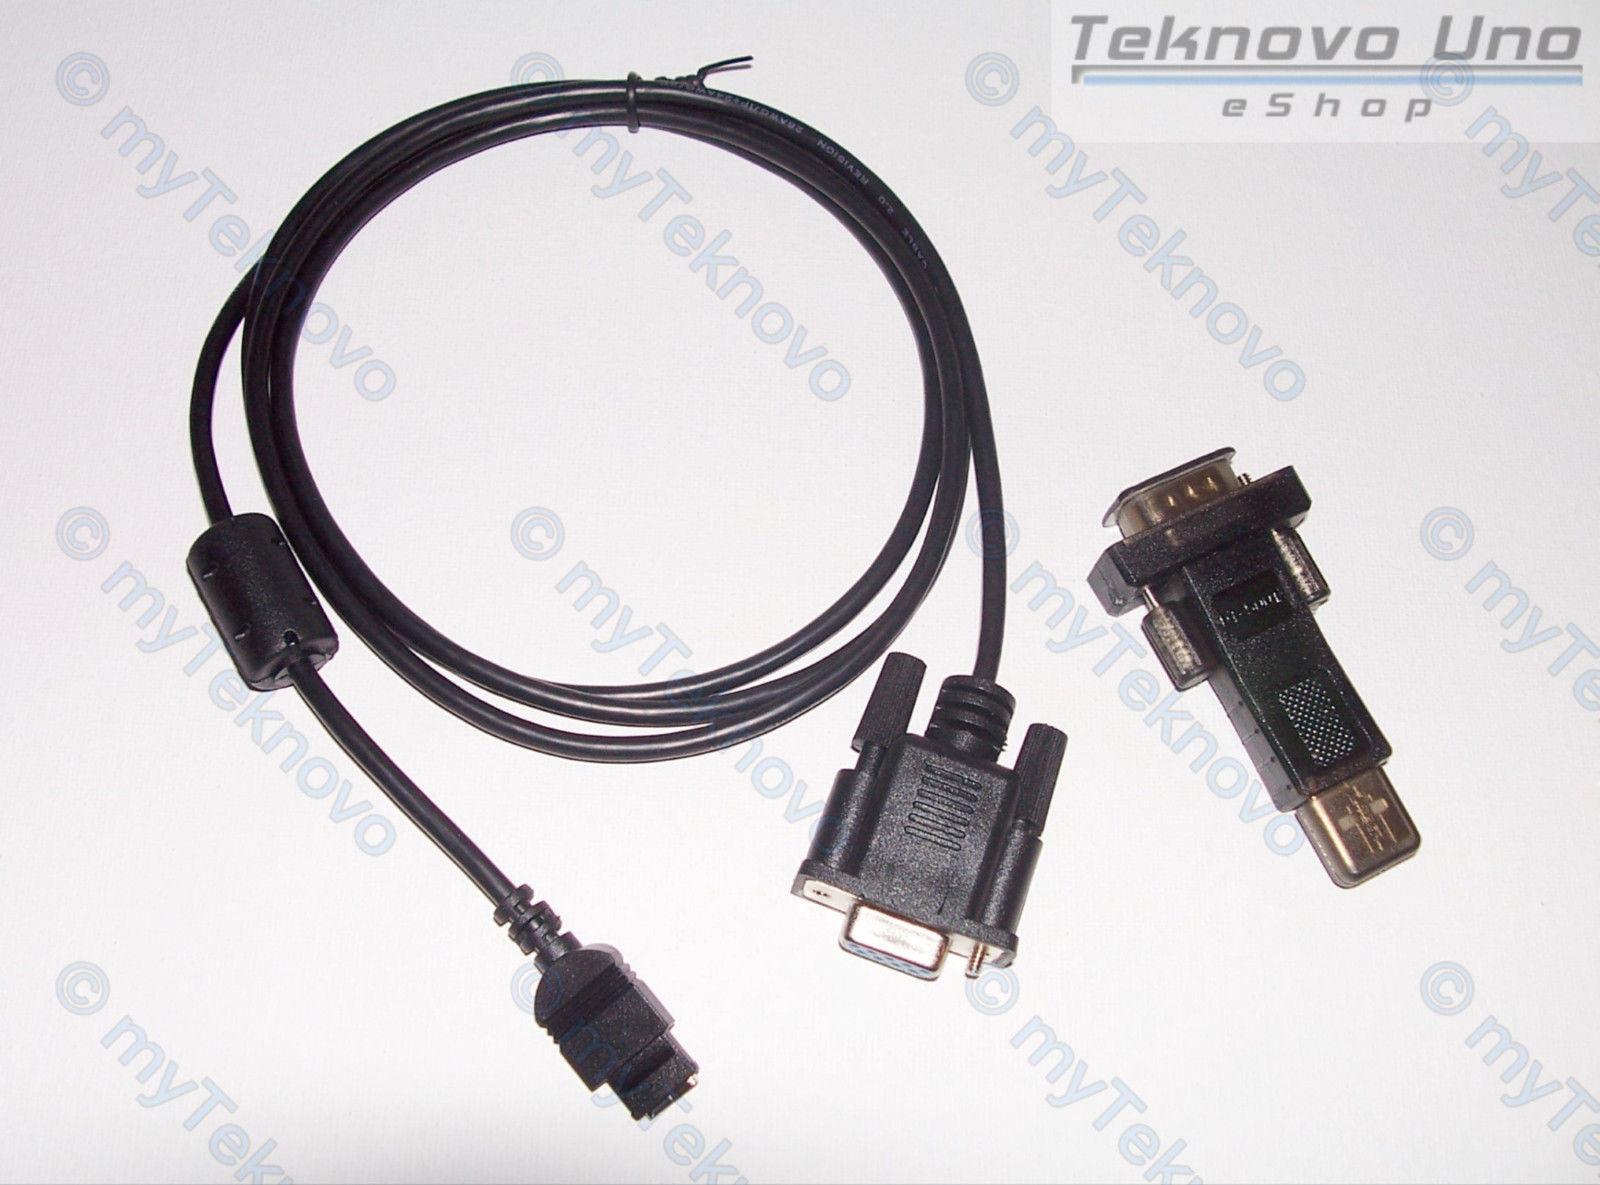 1x USB Prolific Cable KIT for HP 48GX 48G+ 48G 48SX 48S [HP 48G] & CD - USA